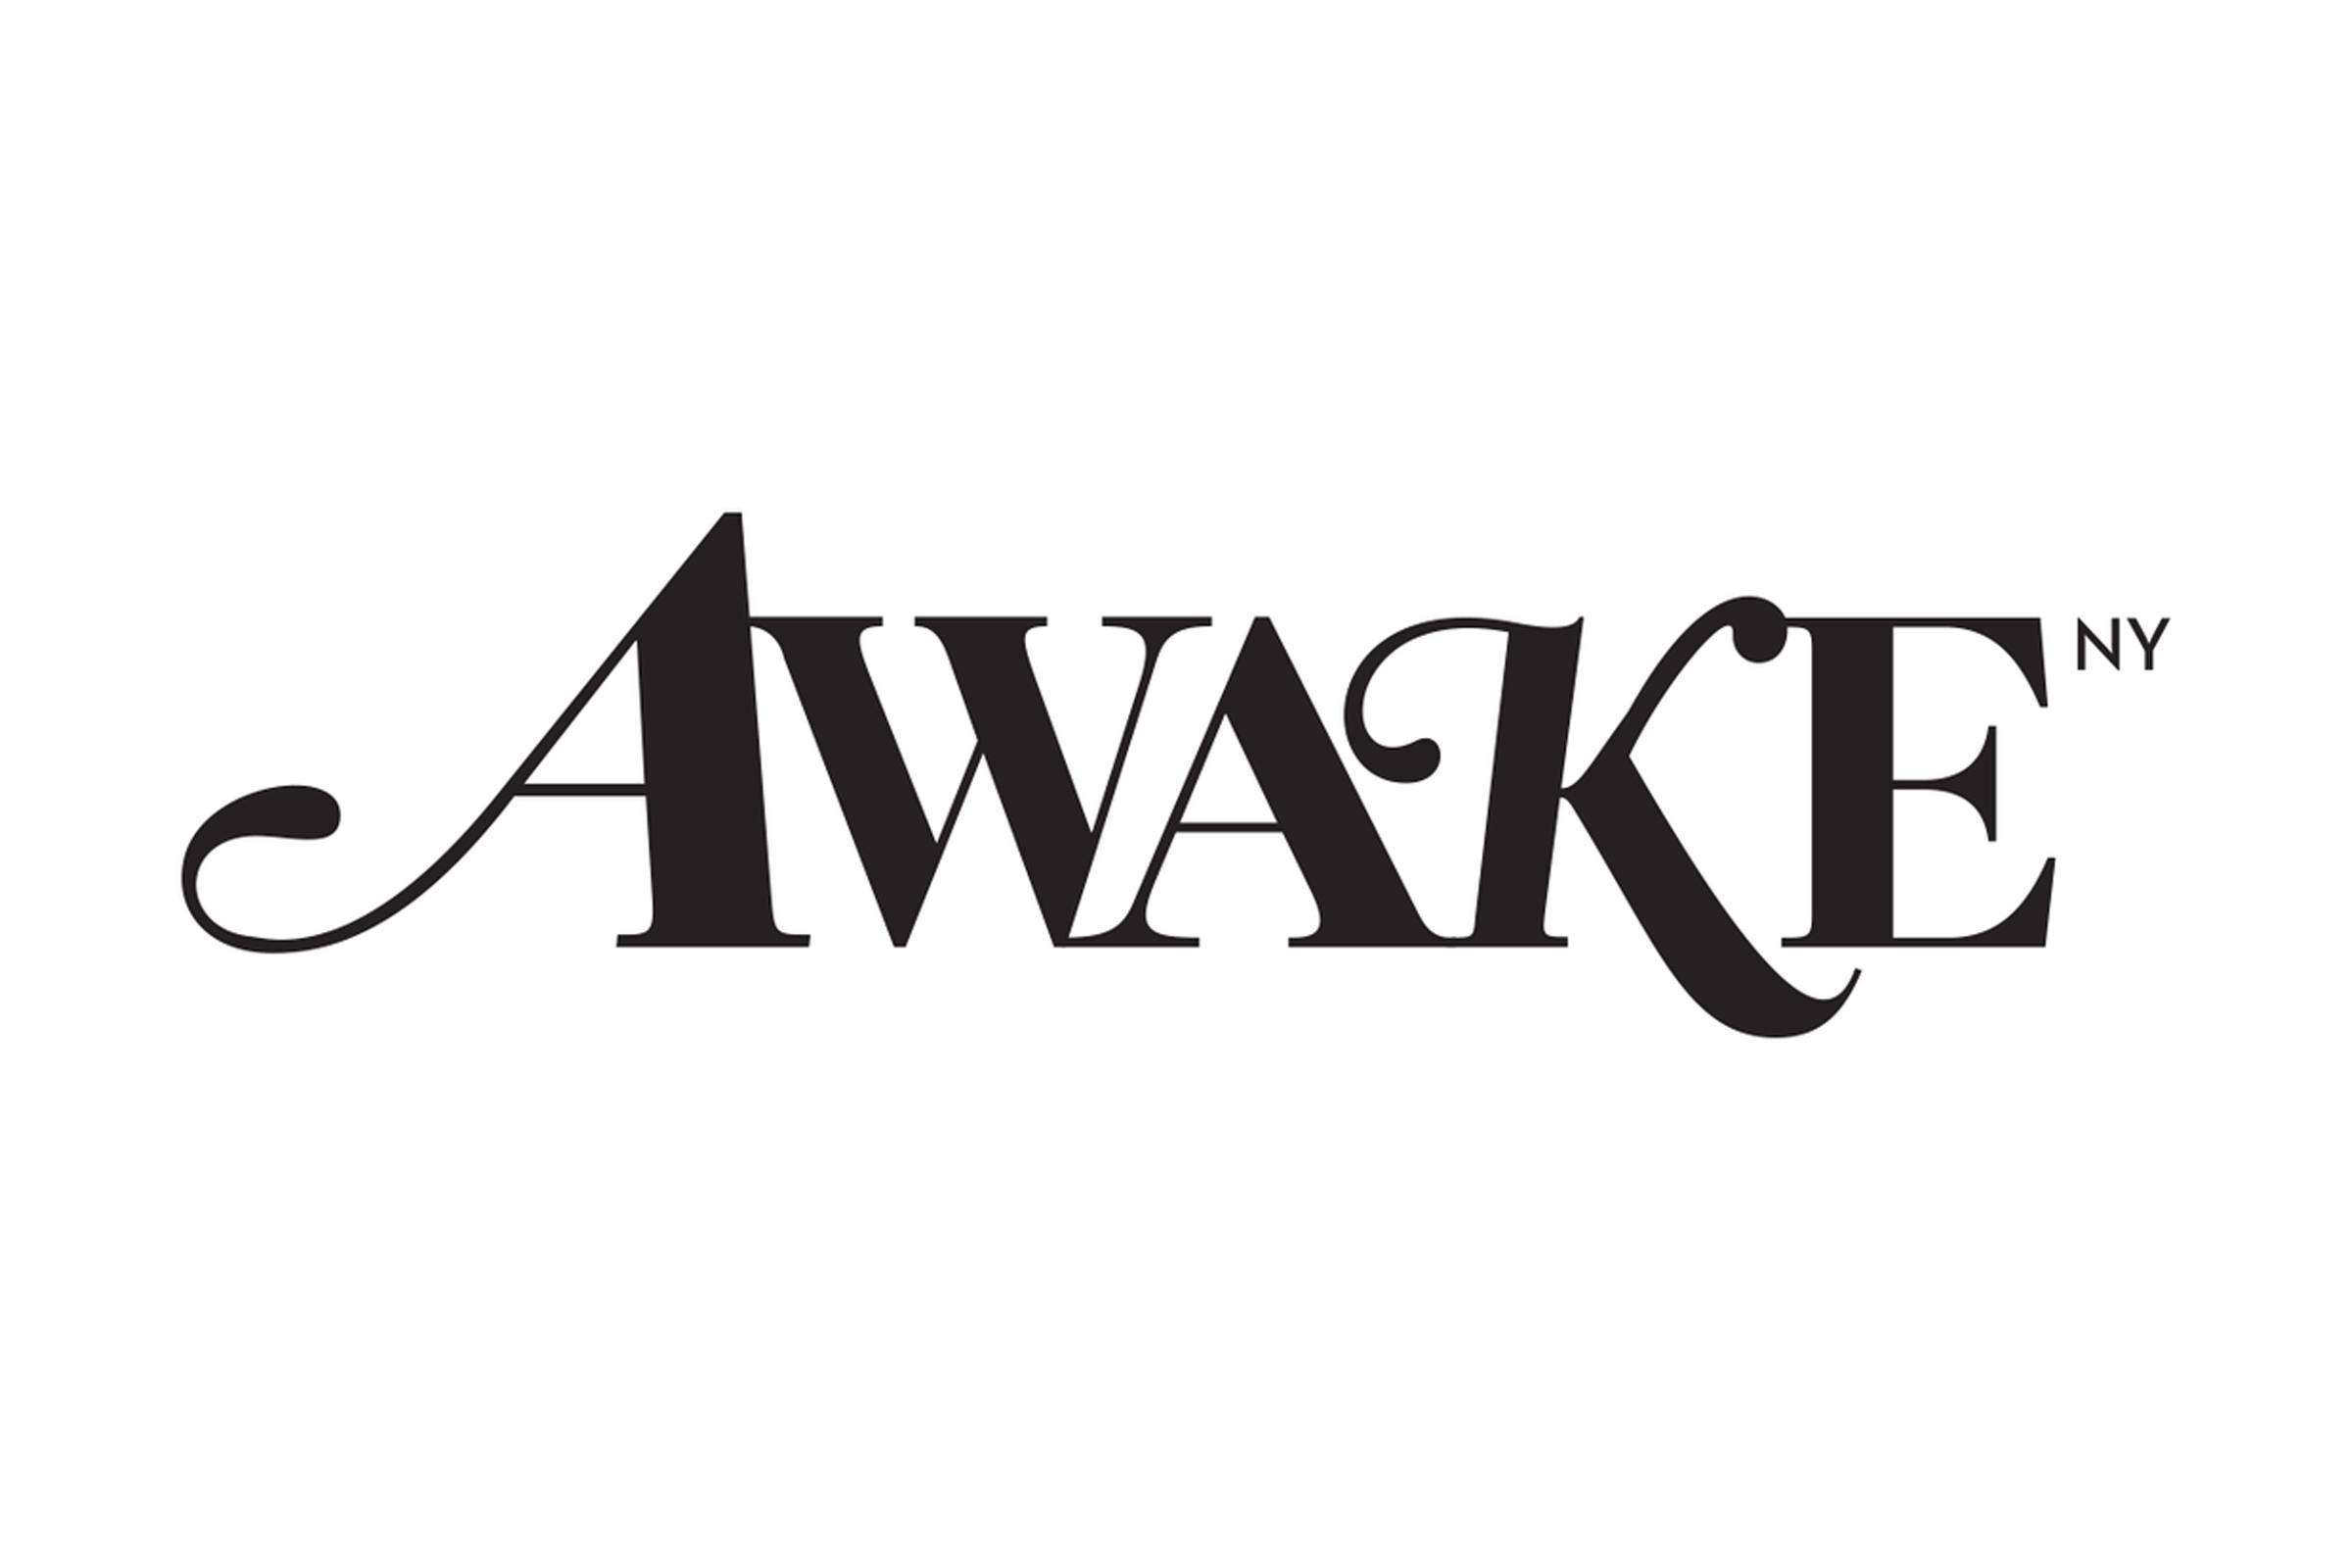 Awake NY